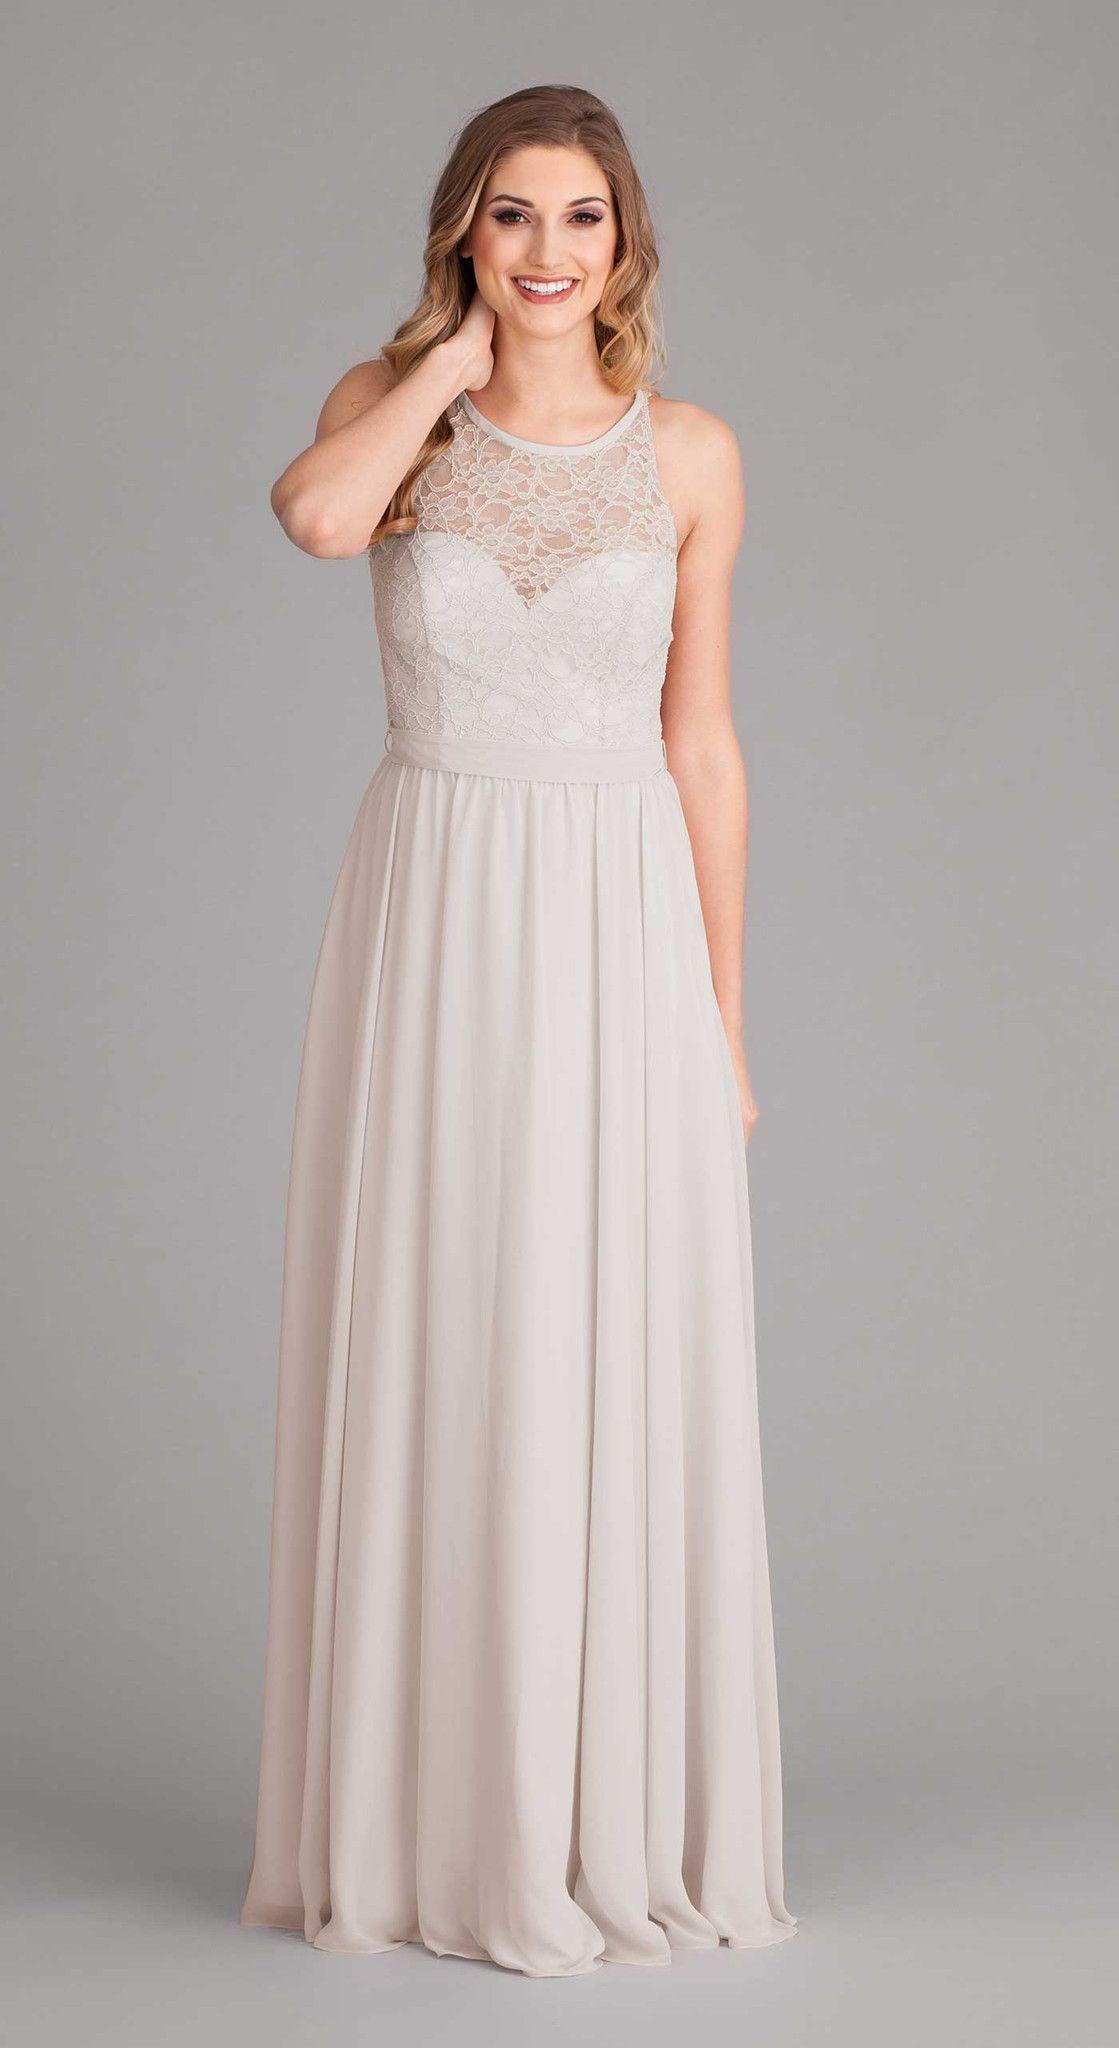 Mint|Delilah Lace Top Bridesmaid Dress